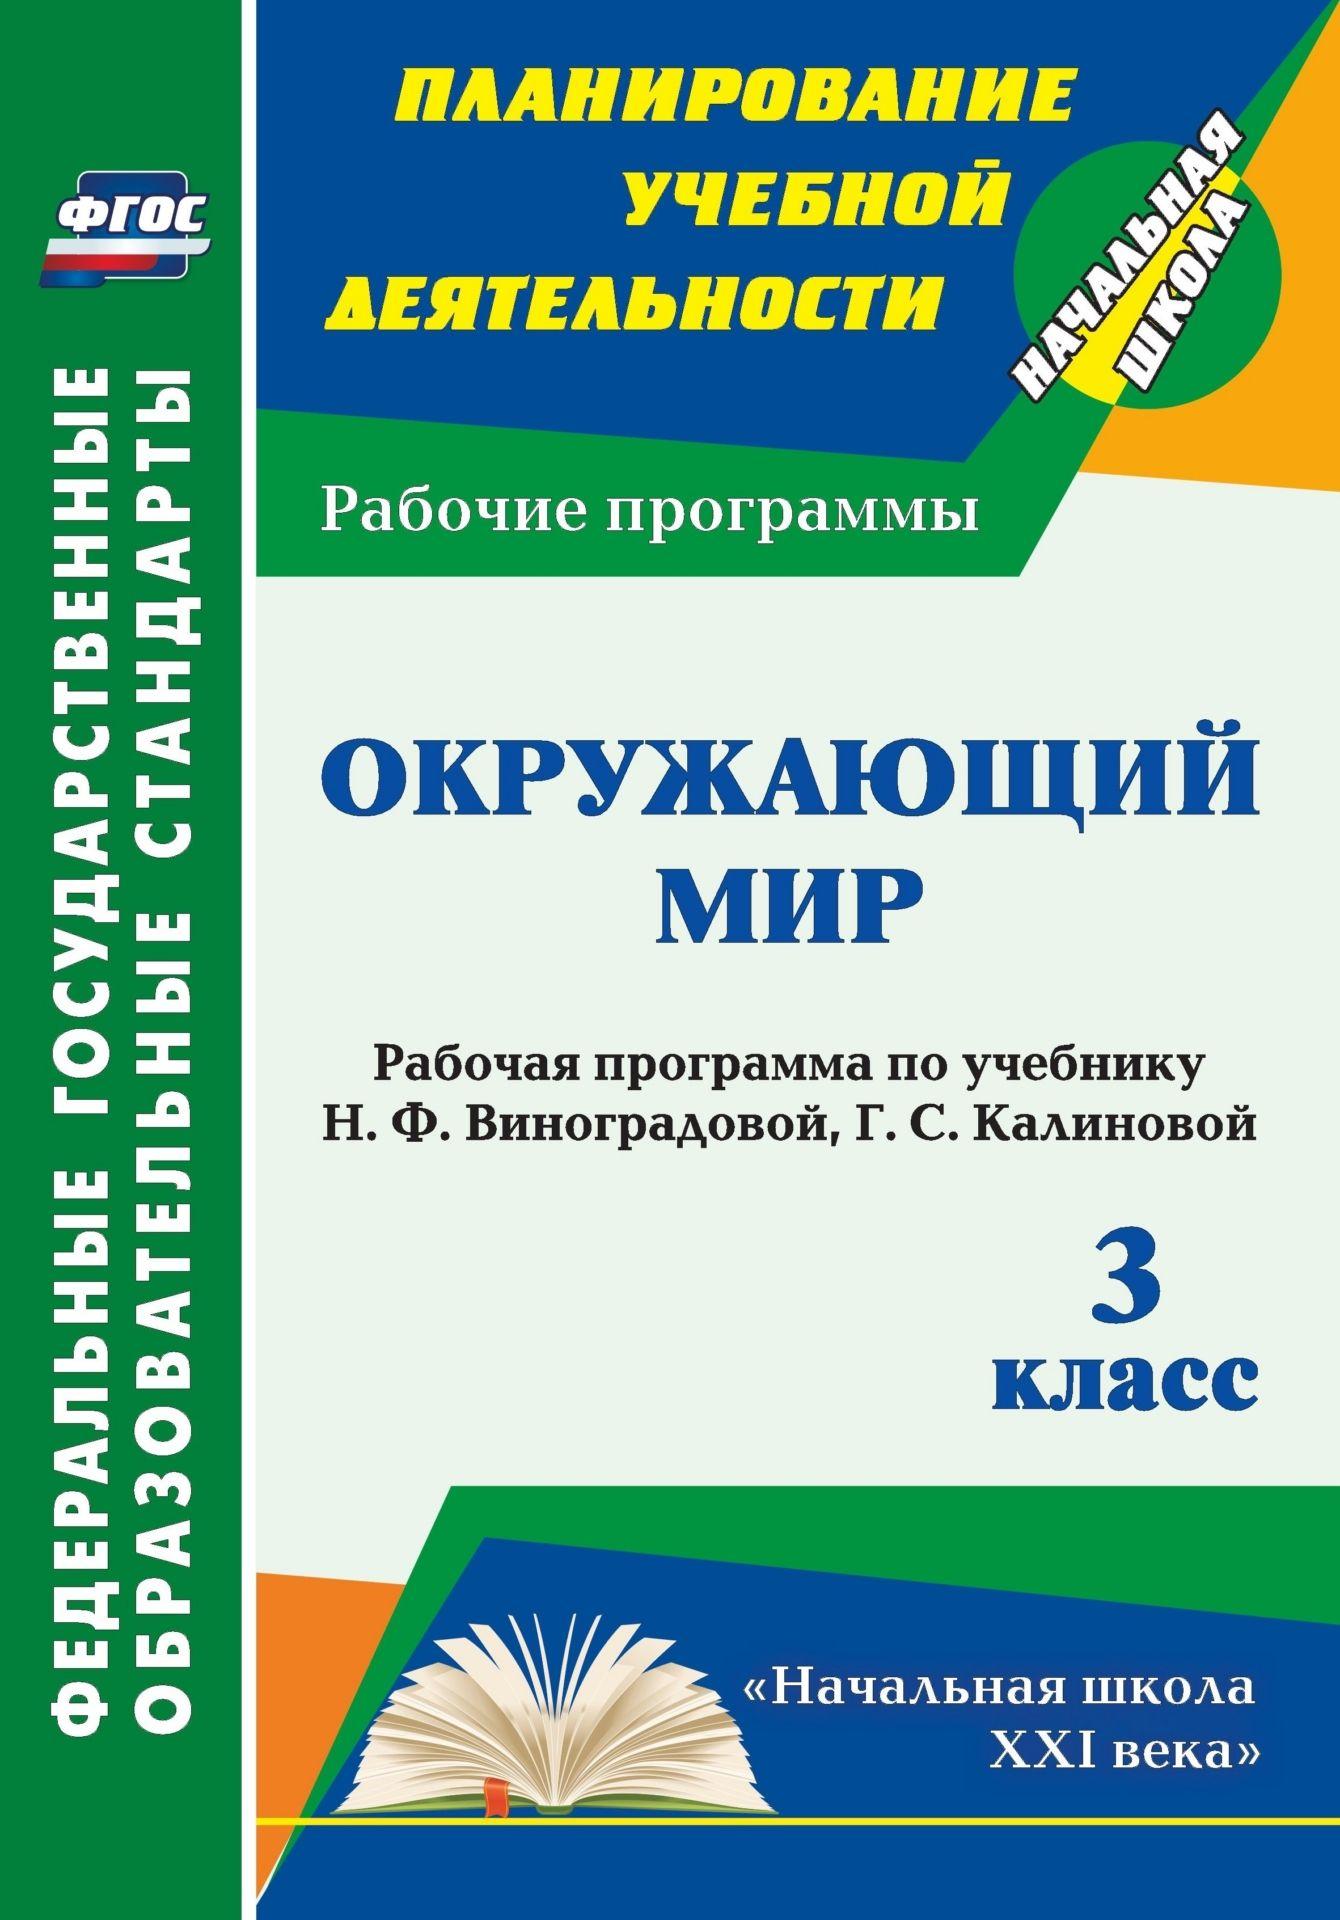 Окружающий мир. 3 кл.: рабочая программа по учебнику Н. Ф. Виноградовой,  Г. С. Калиновой.